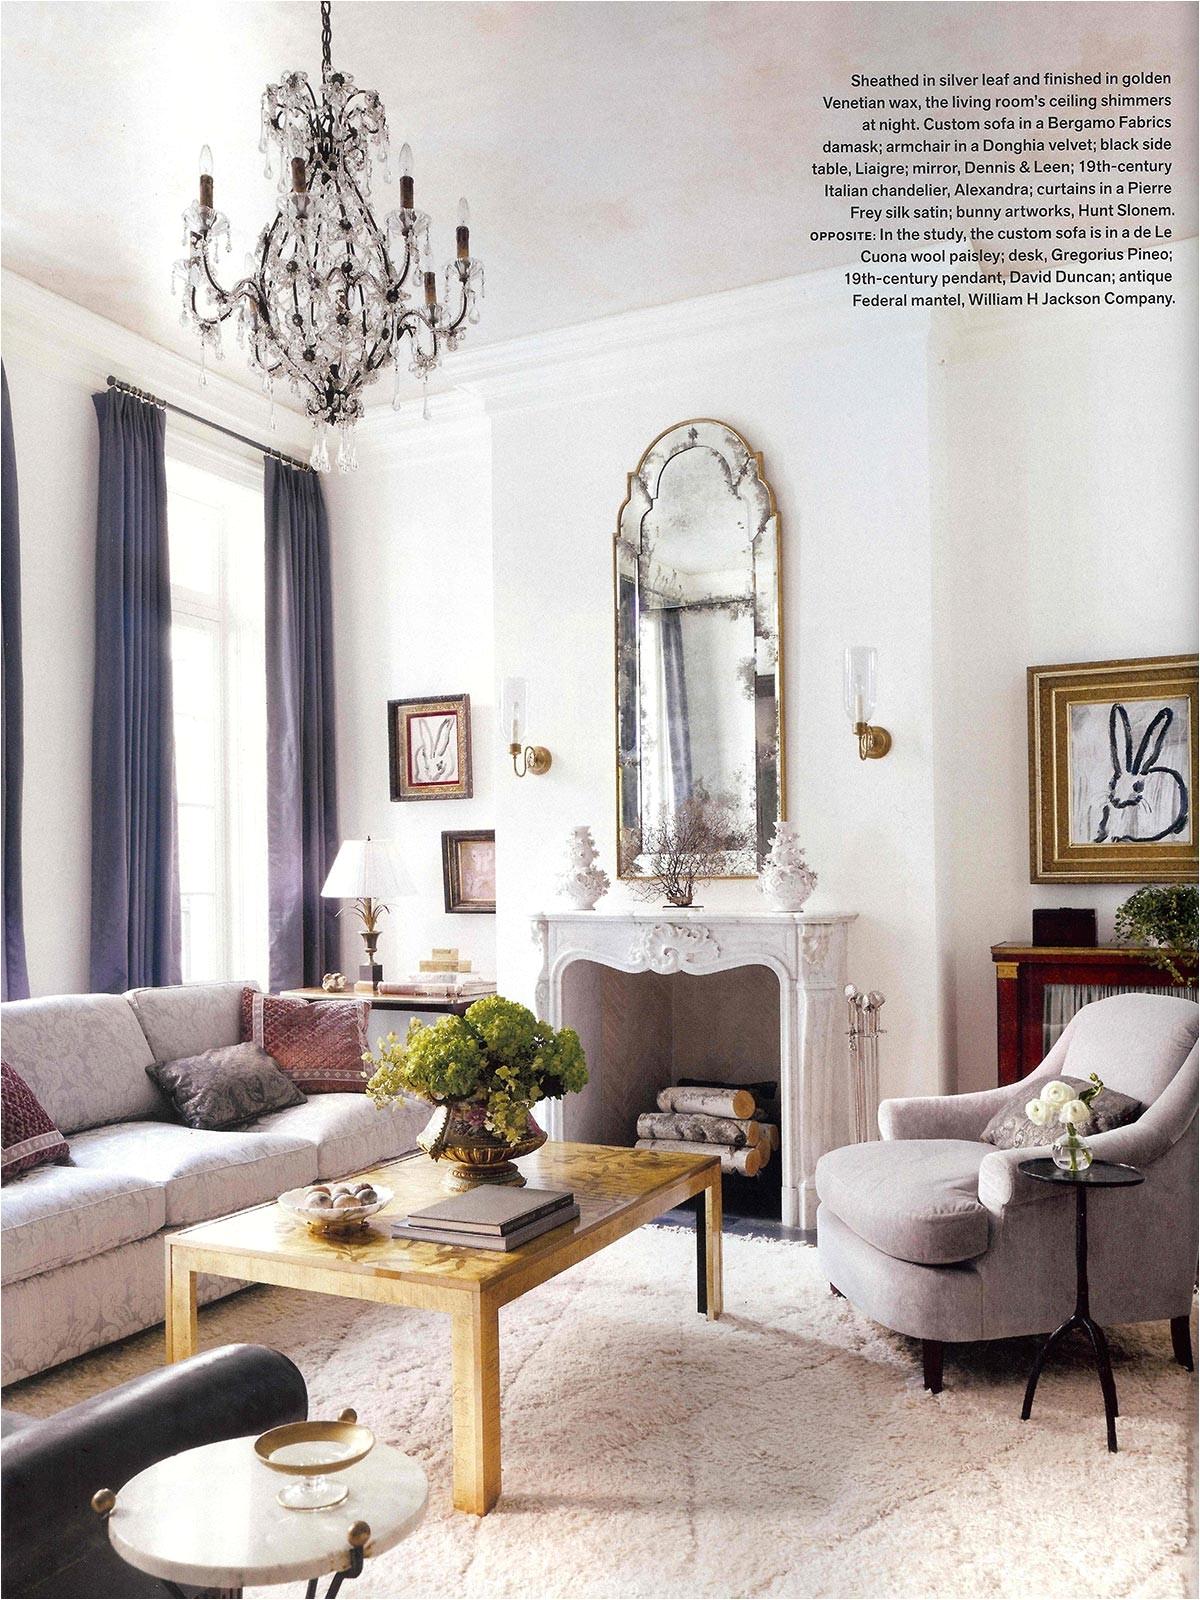 interior design firms in charleston sc unique alecia stevens interior design